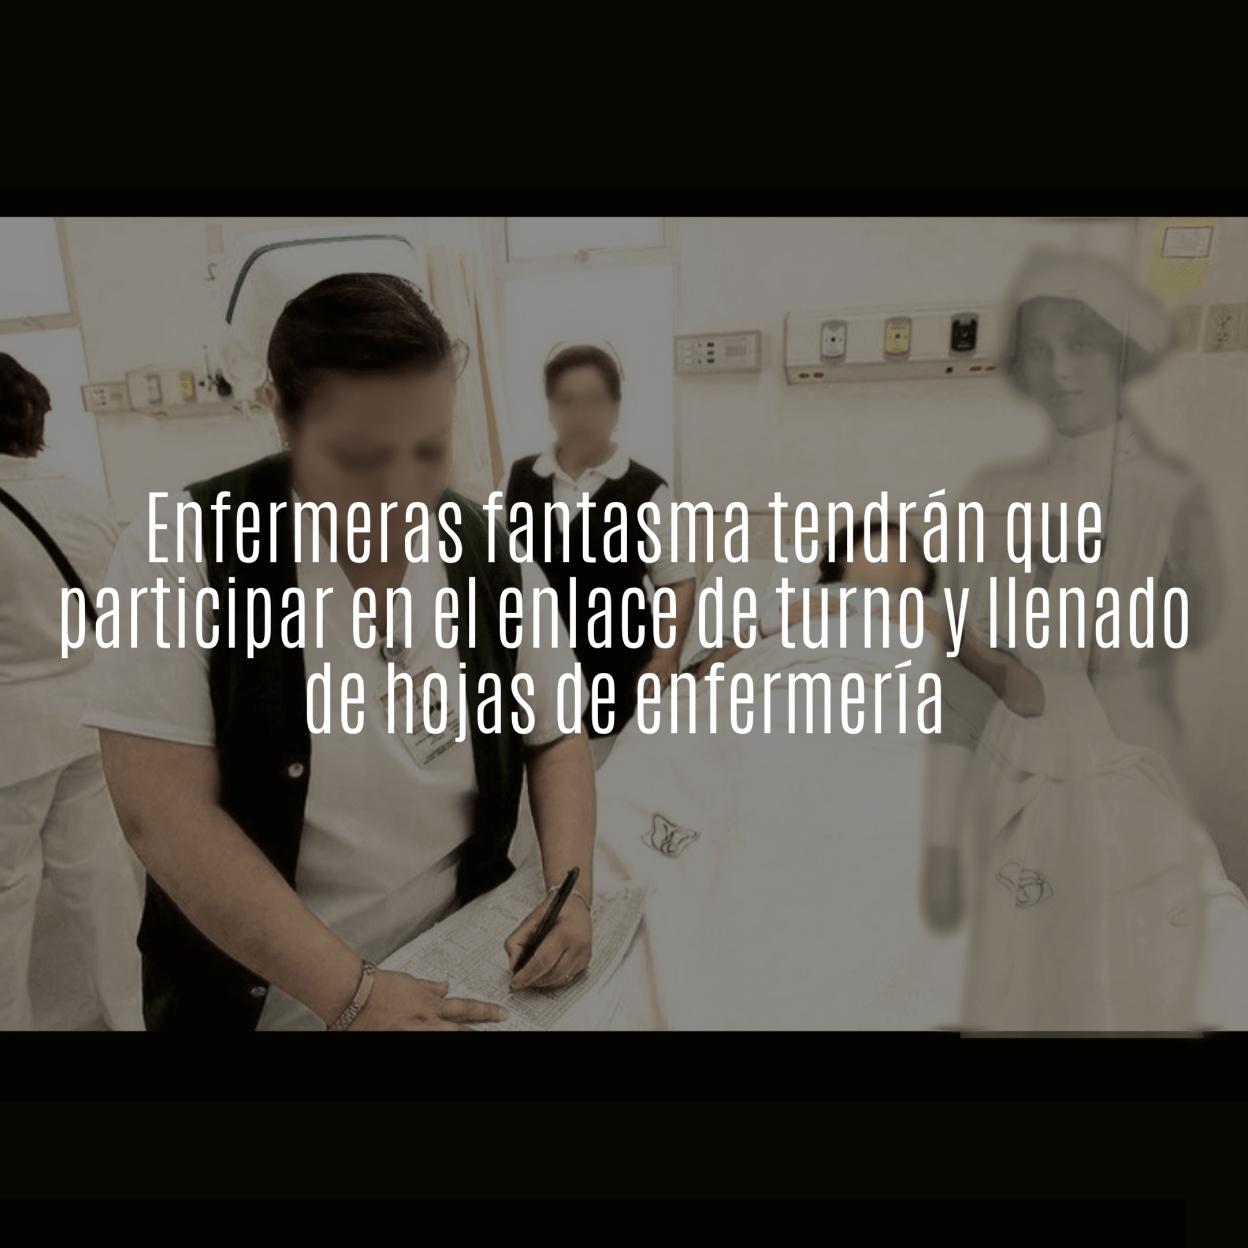 Enfermeras fantasmas tendrán que participar en el enlace de turno y llenar hojas de enfermería